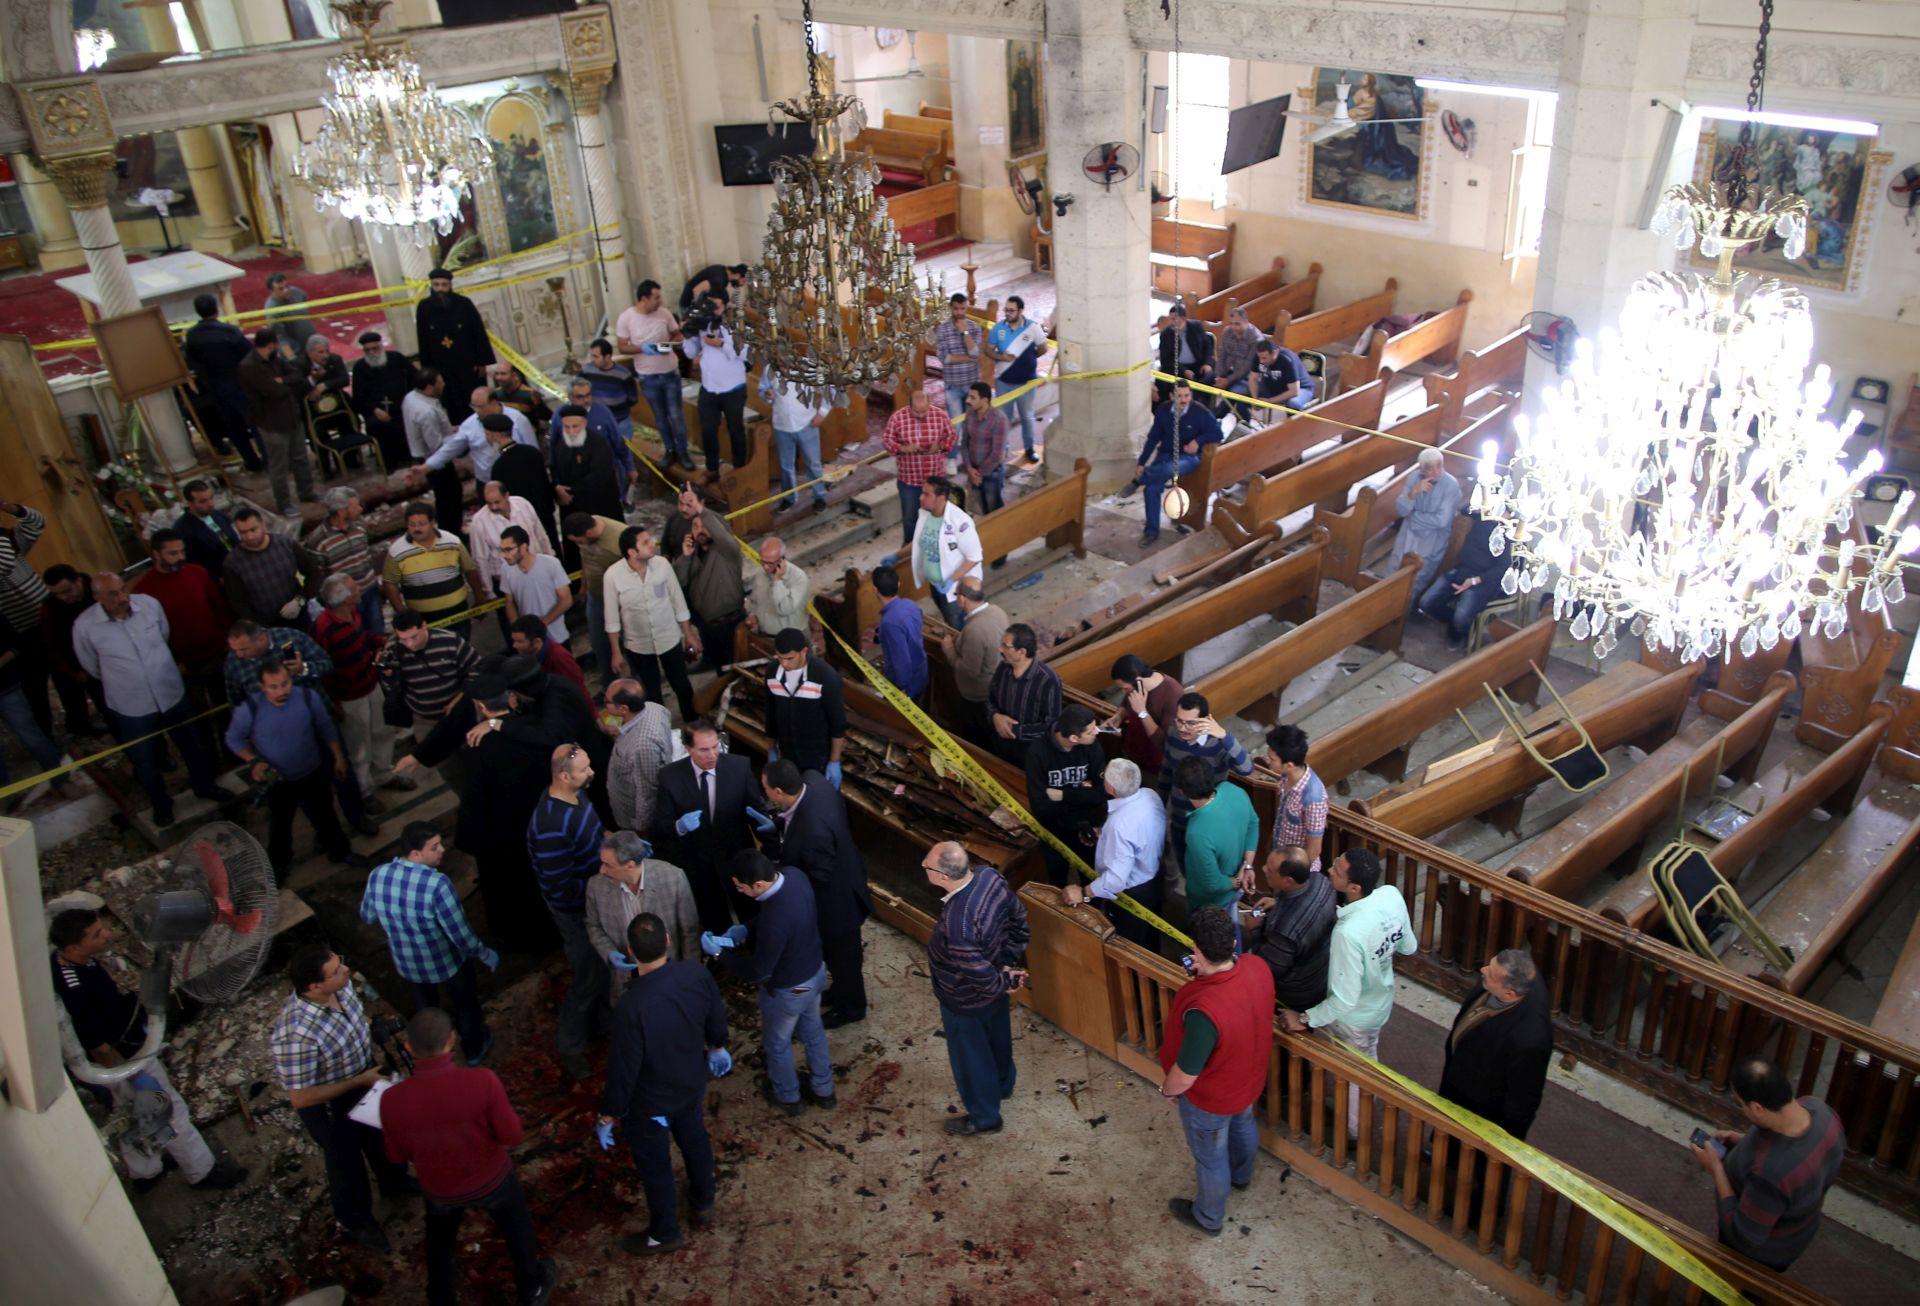 BOMBAŠKI NAPAD: U Egiptu najmanje 21 ubijena osoba, pedesetak ozlijeđenih